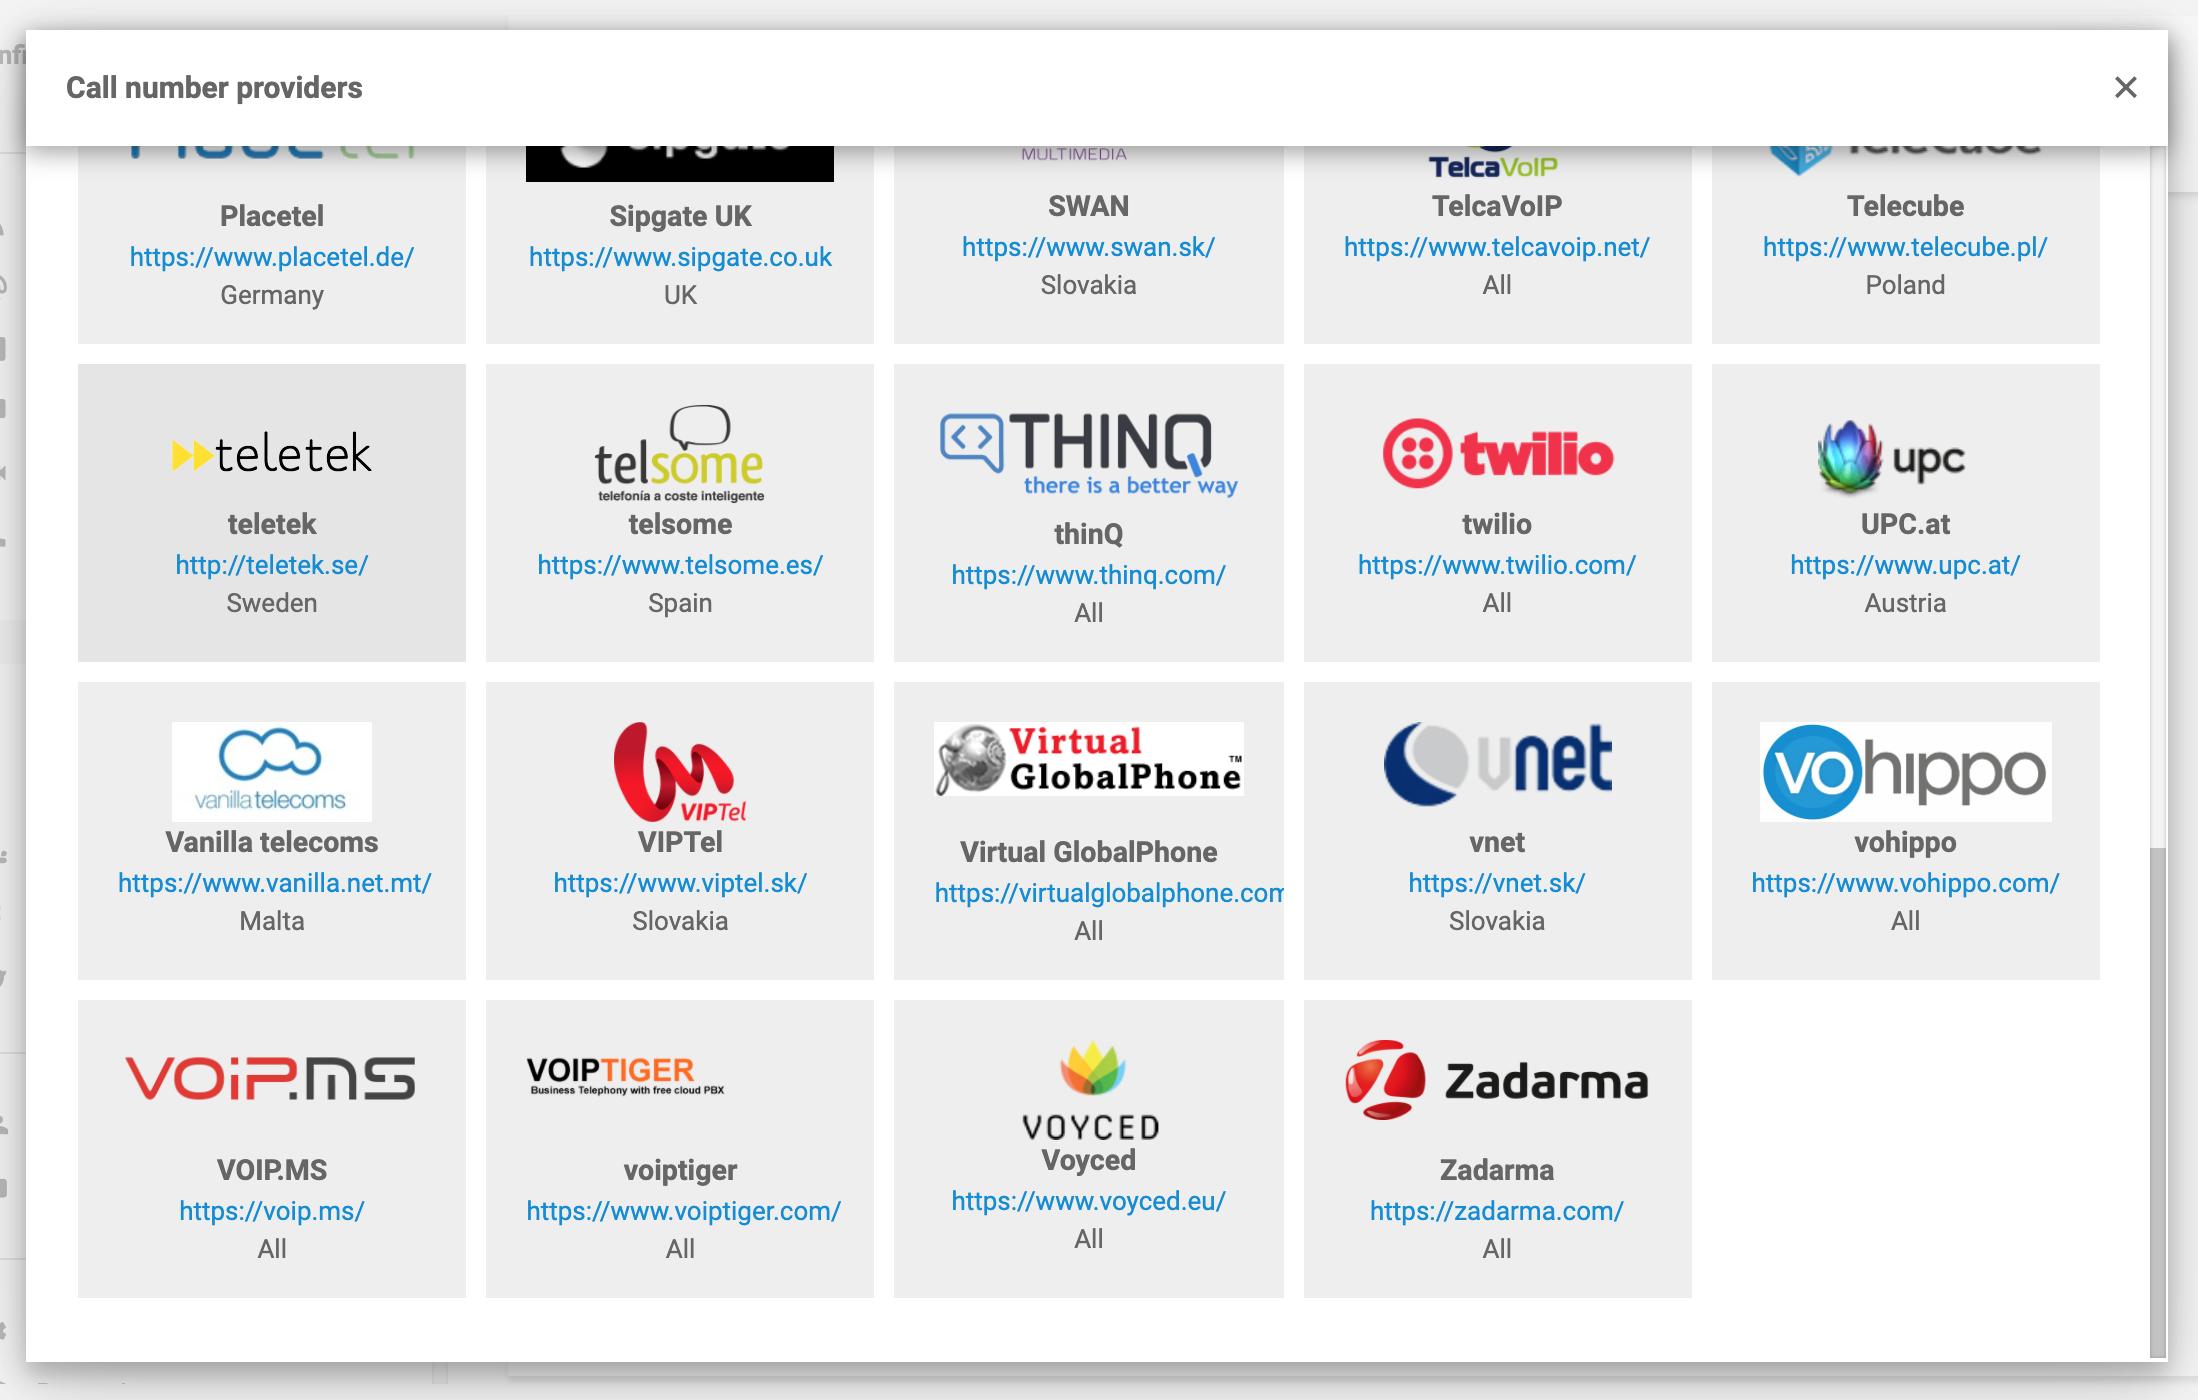 Voyced-VoIP-provider-LiveAgent